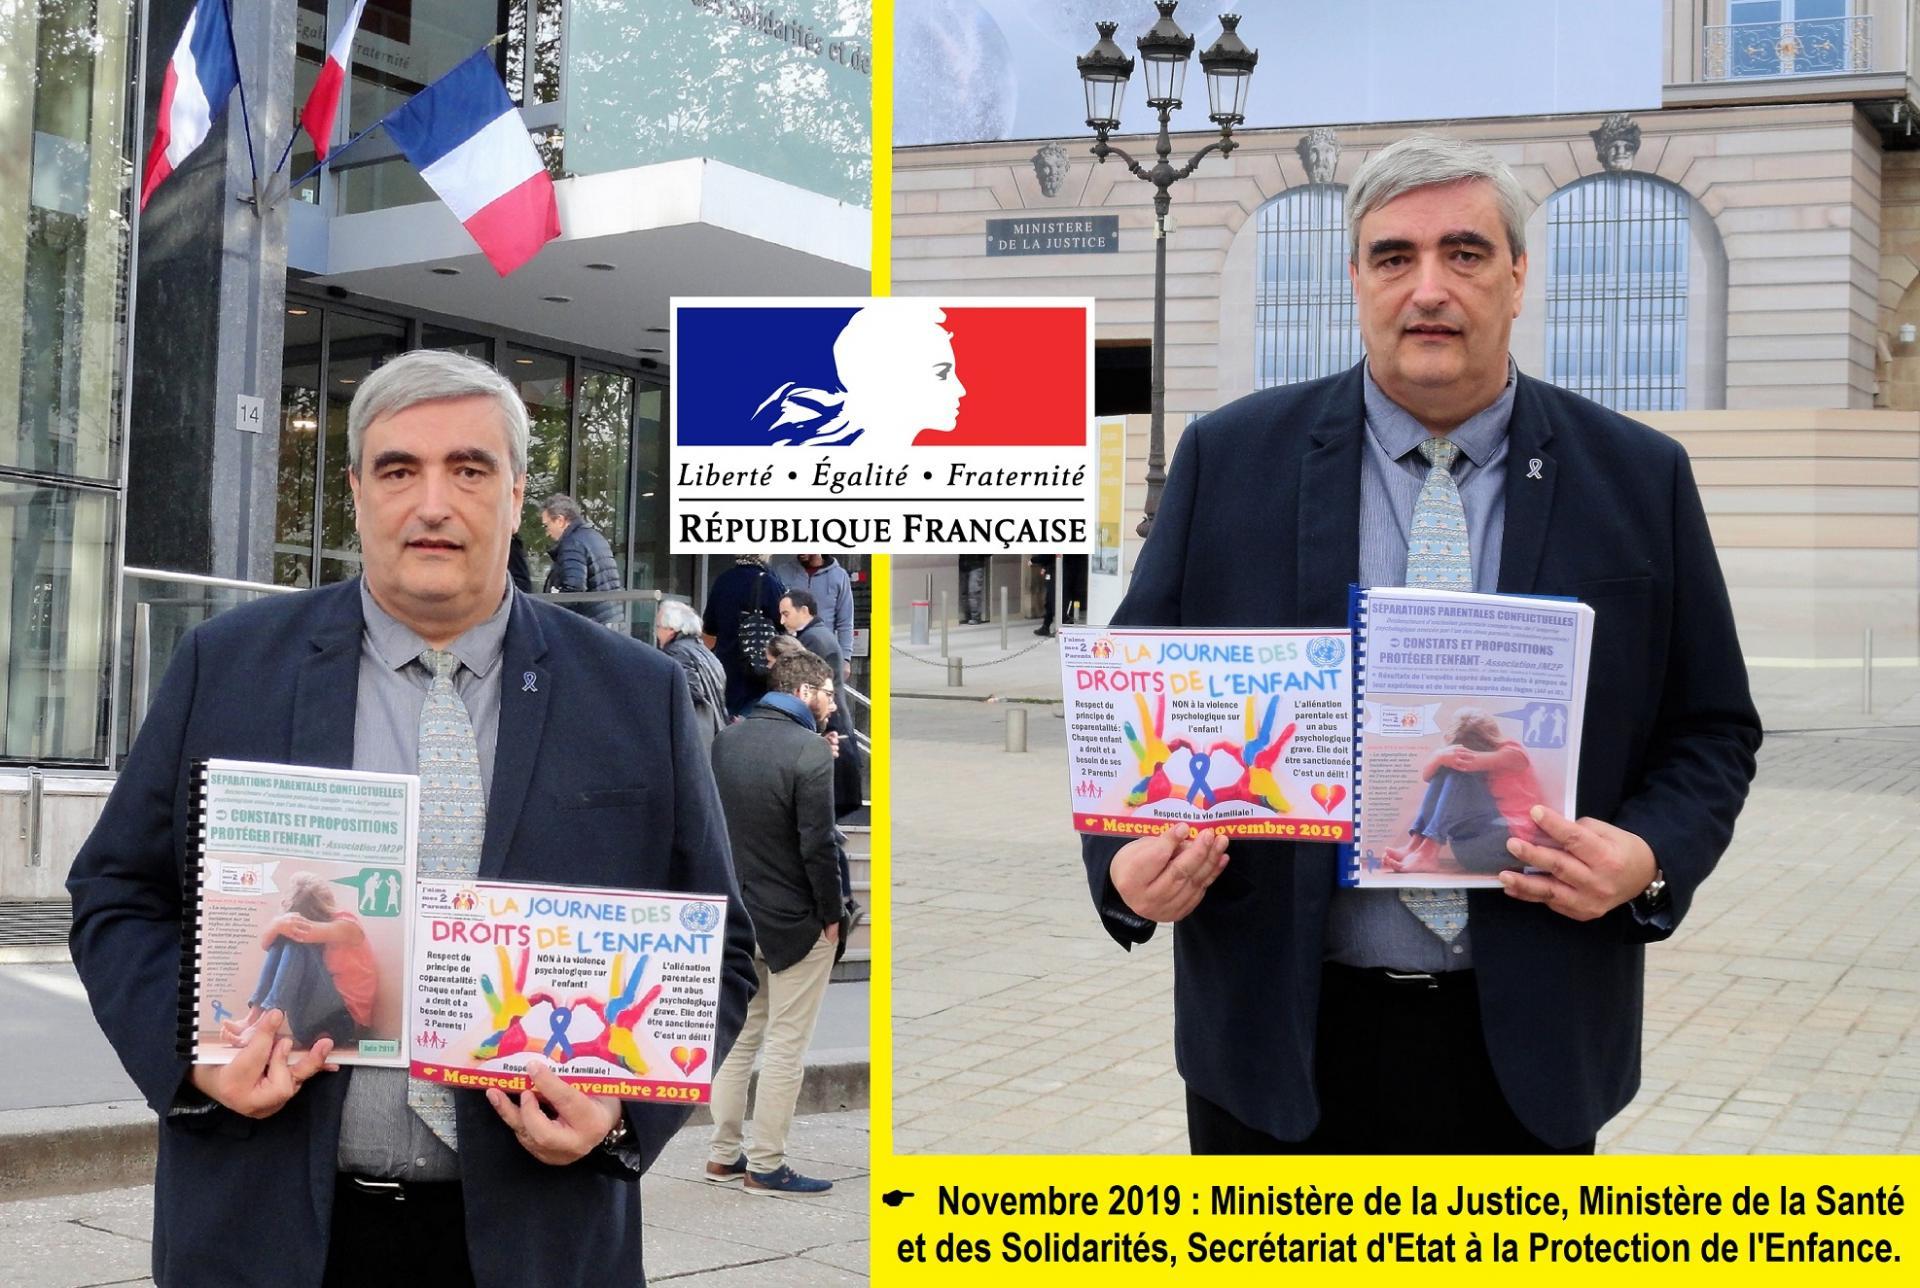 Francois scheefer aux ministeres 05 11 2019